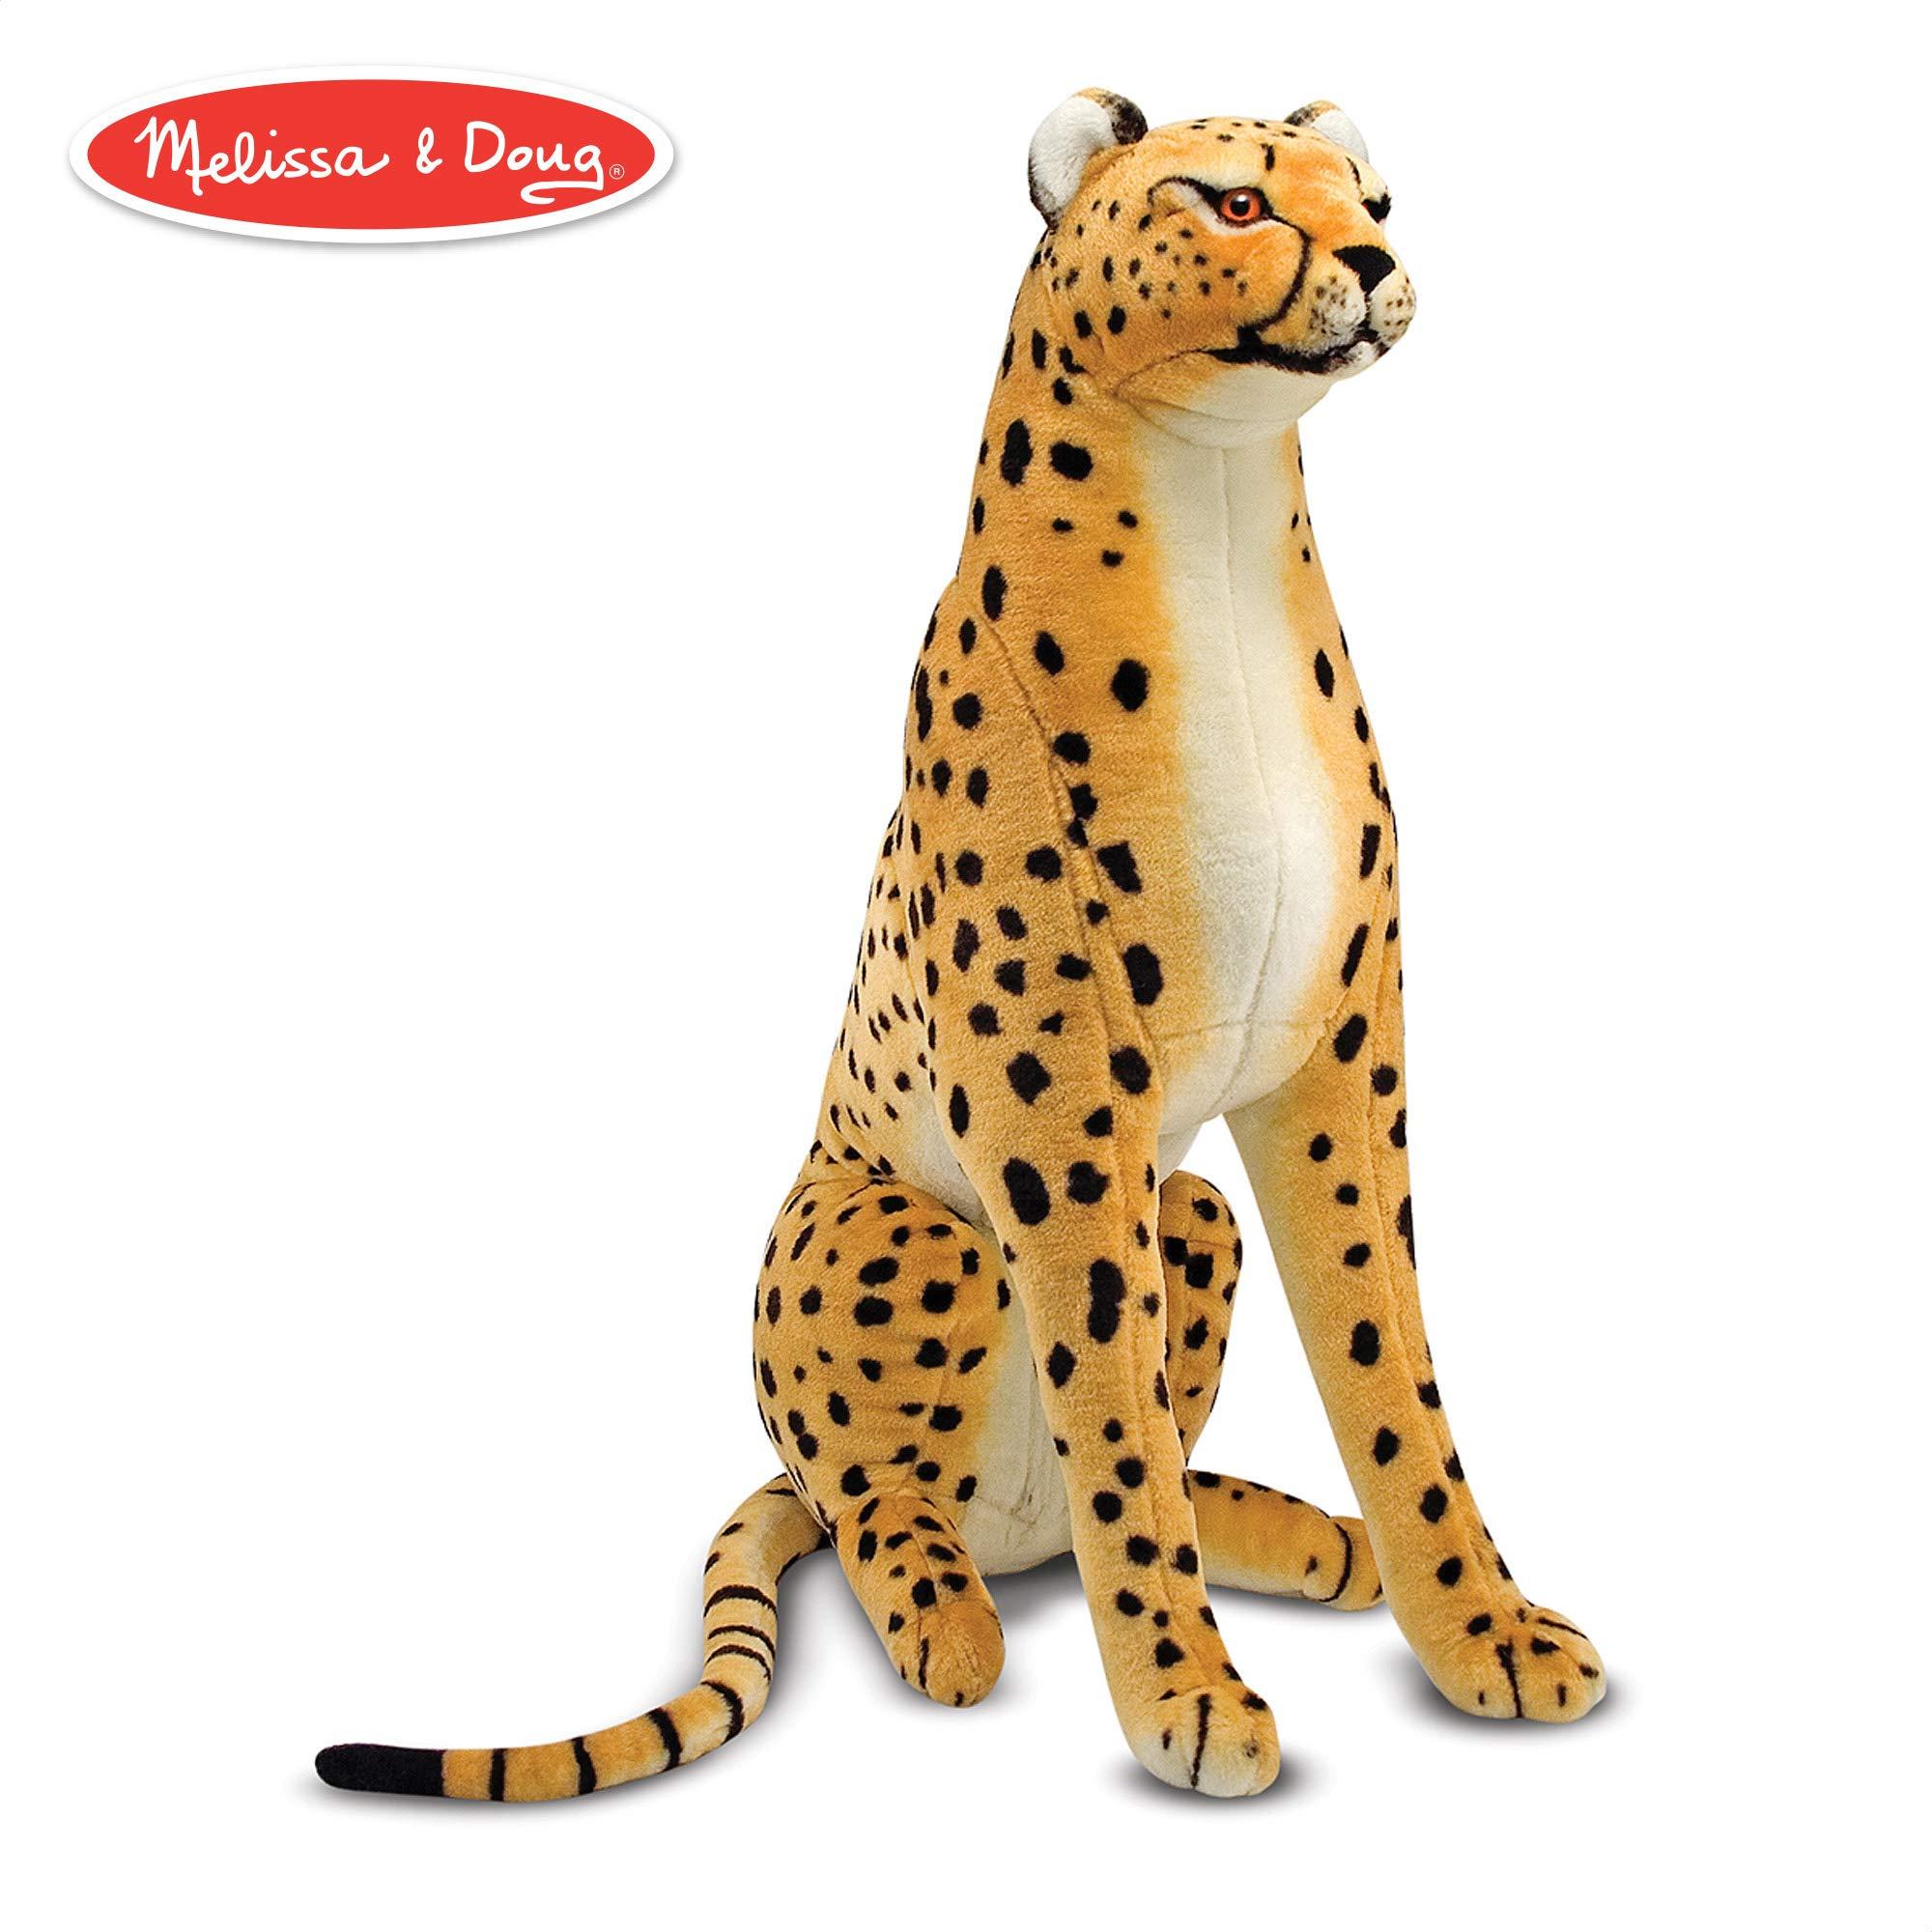 Melissa & Doug Giant Cheetah - Lifelike Stuffed Animal by Melissa & Doug